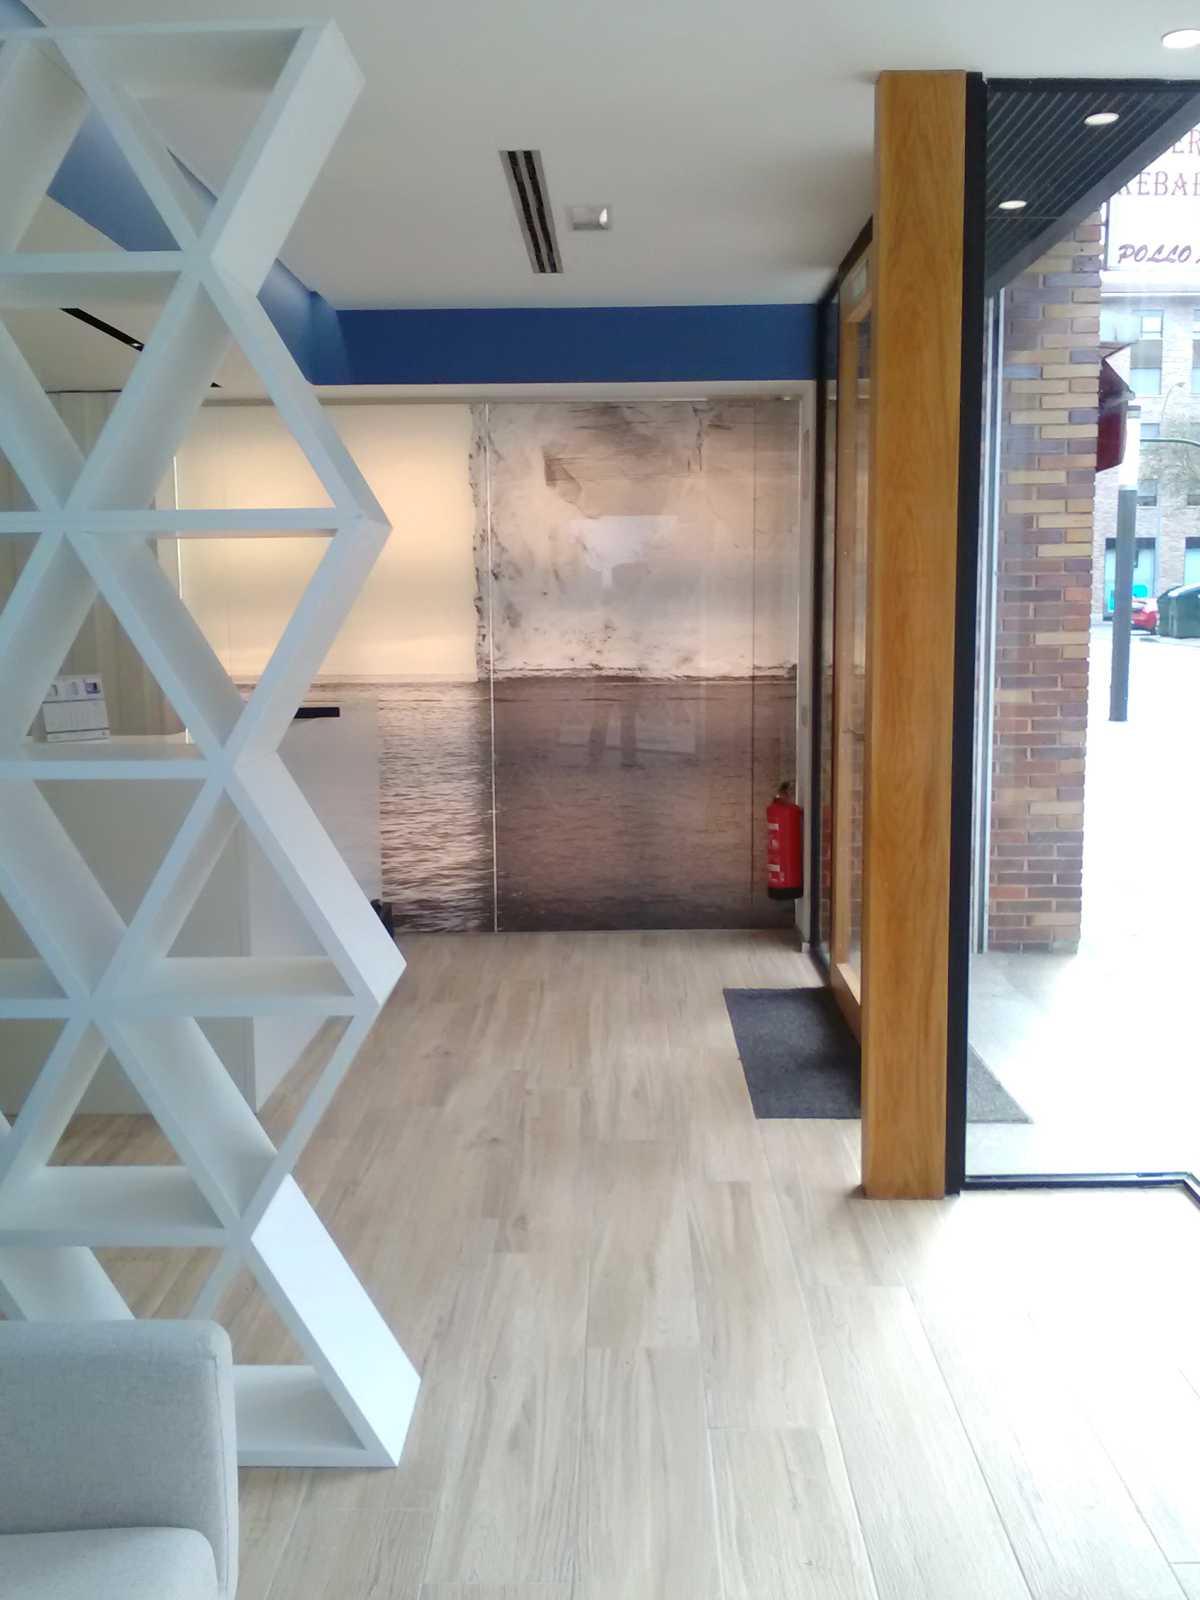 El rediseño de este espacio ha convertido unas oficinas bancarias en una moderna clínica dental. En la recepción, iluminada por la fotografía de un iceberg, una gran estantería enmarca la zona de espera e infantil.